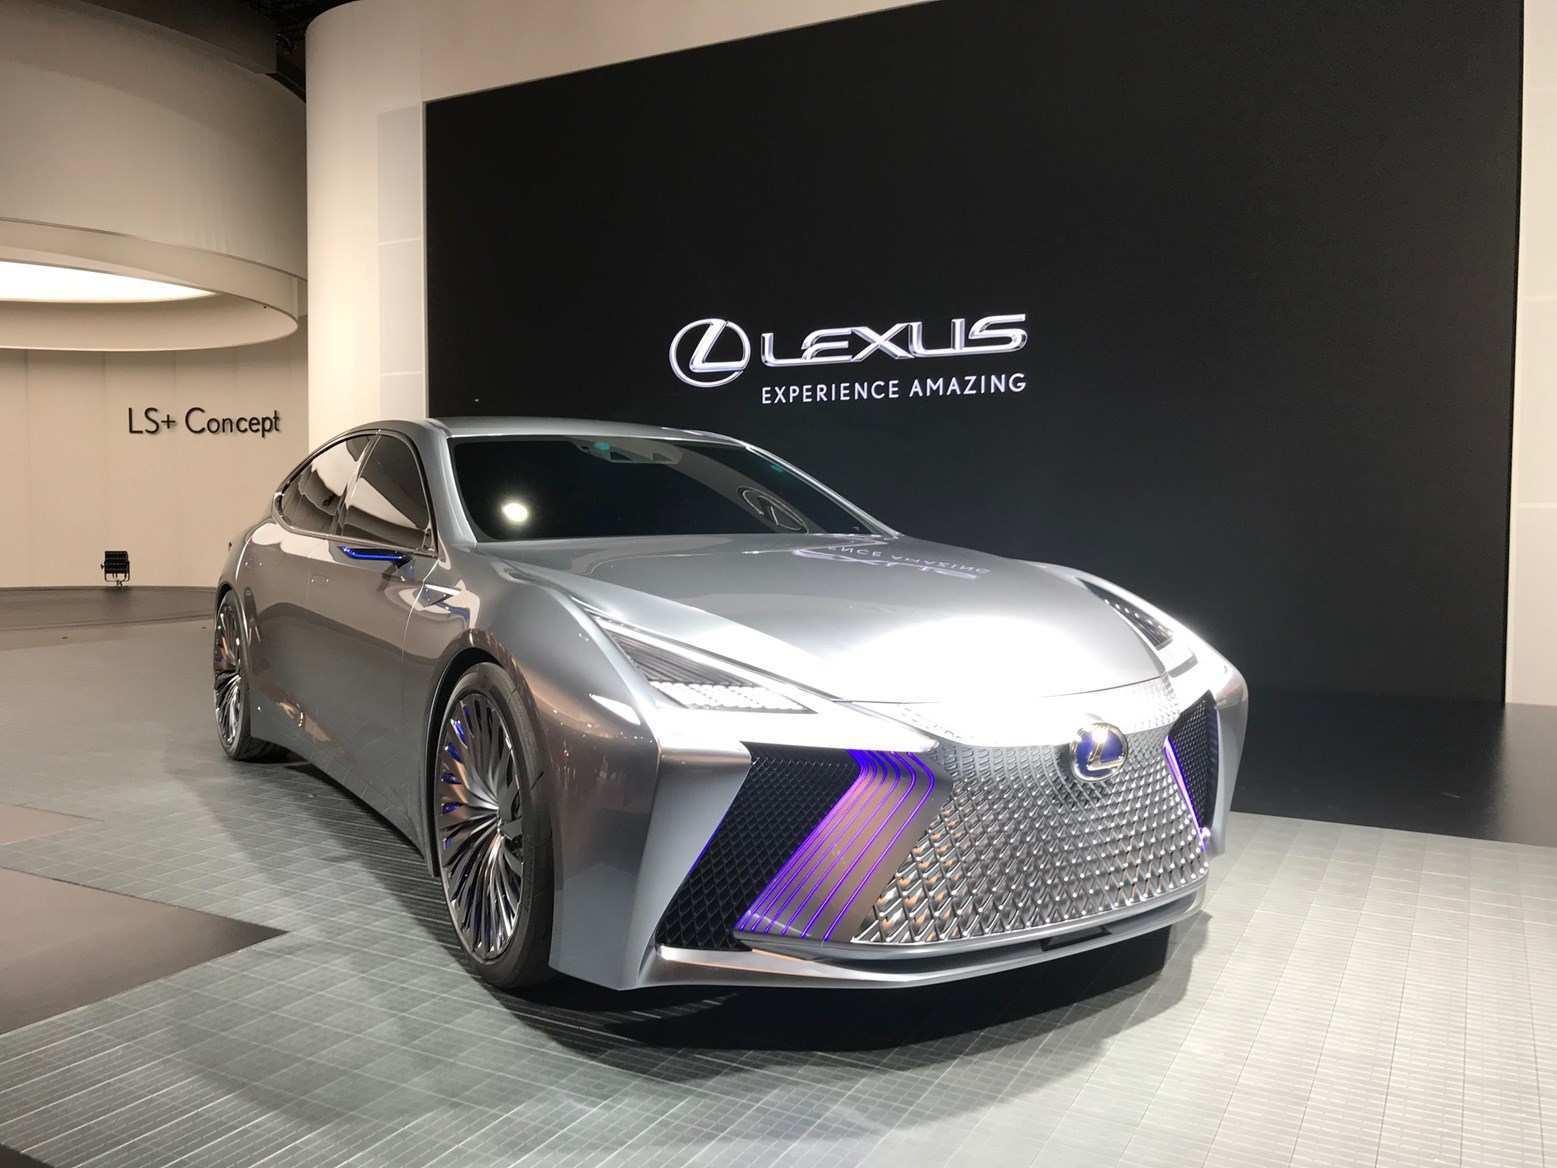 96 New Lexus Ls 2020 Wallpaper for Lexus Ls 2020